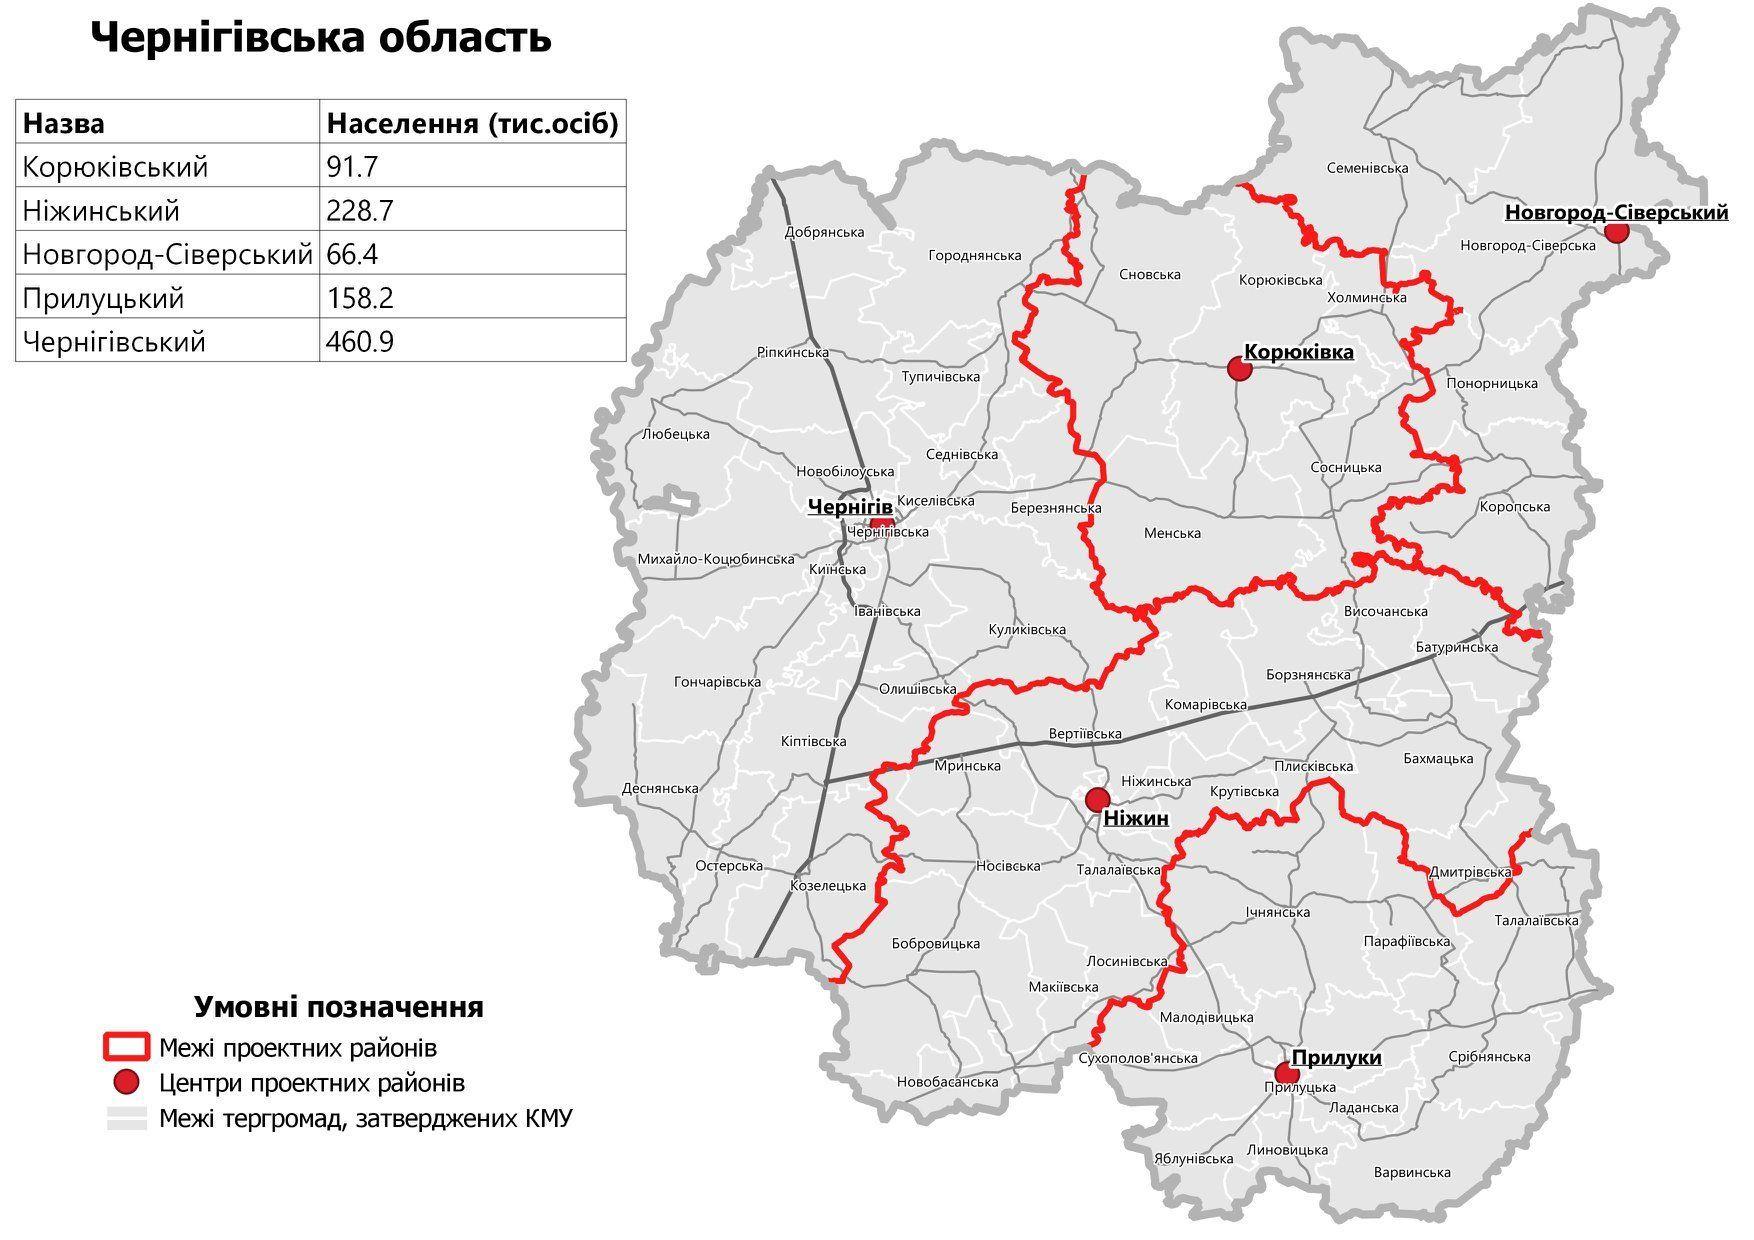 Мапа нових районів_20